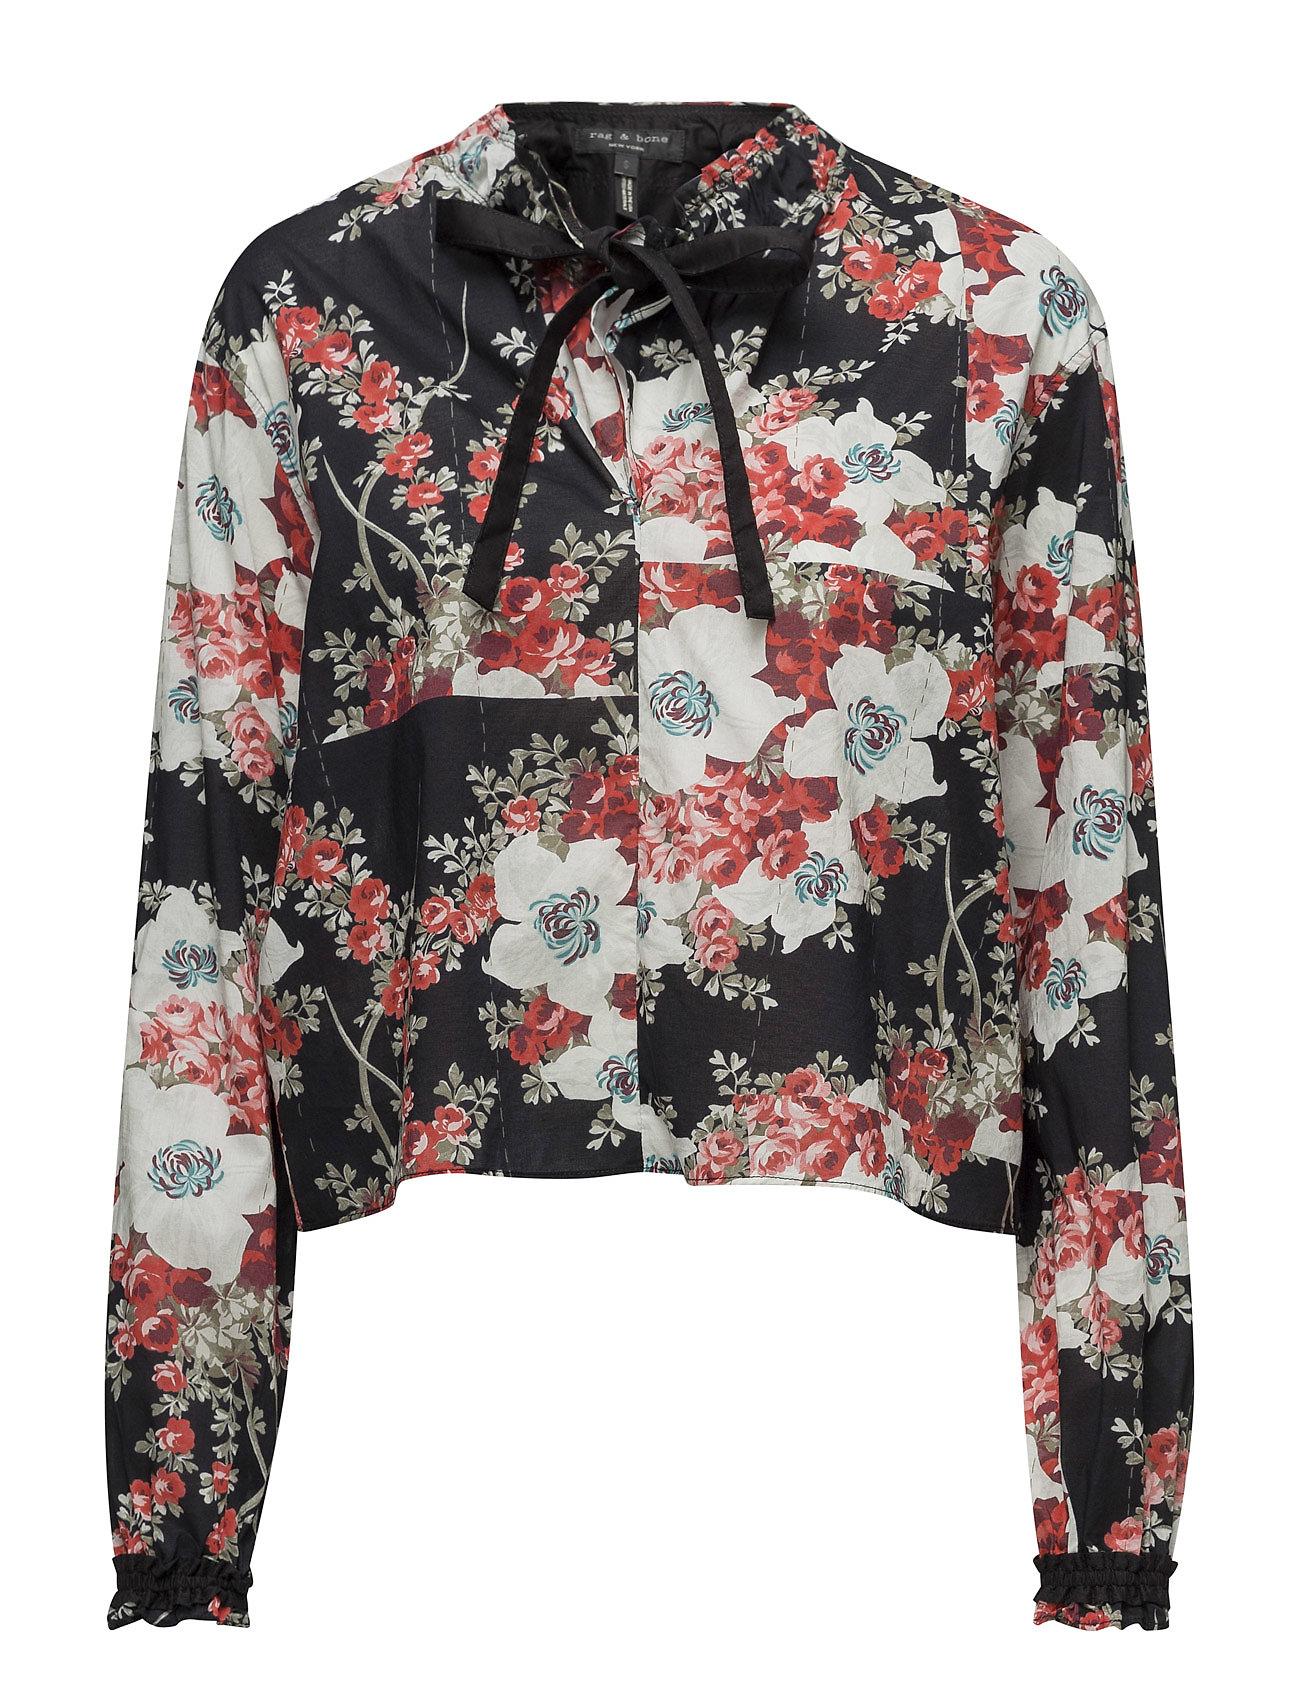 7b82e961a9b Køb Majse mbyM Jumpsuits i til Kvinder hos Boozt   Fashionguide.dk